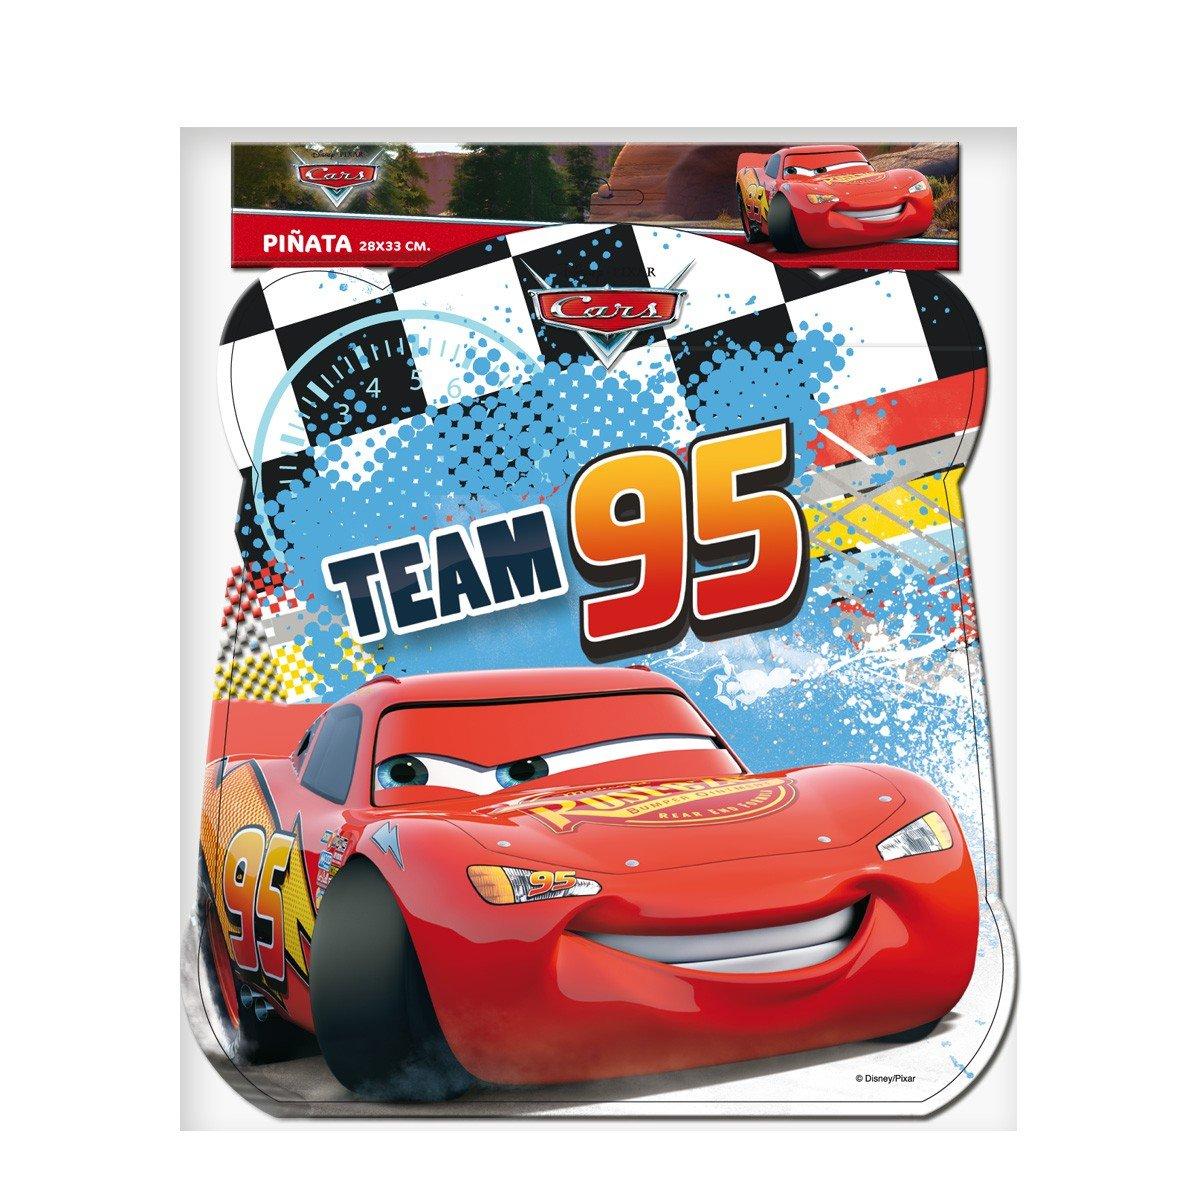 Verbetena, 014000994, piñata basic disney cars, dimensiones: 28x33 centimetros.